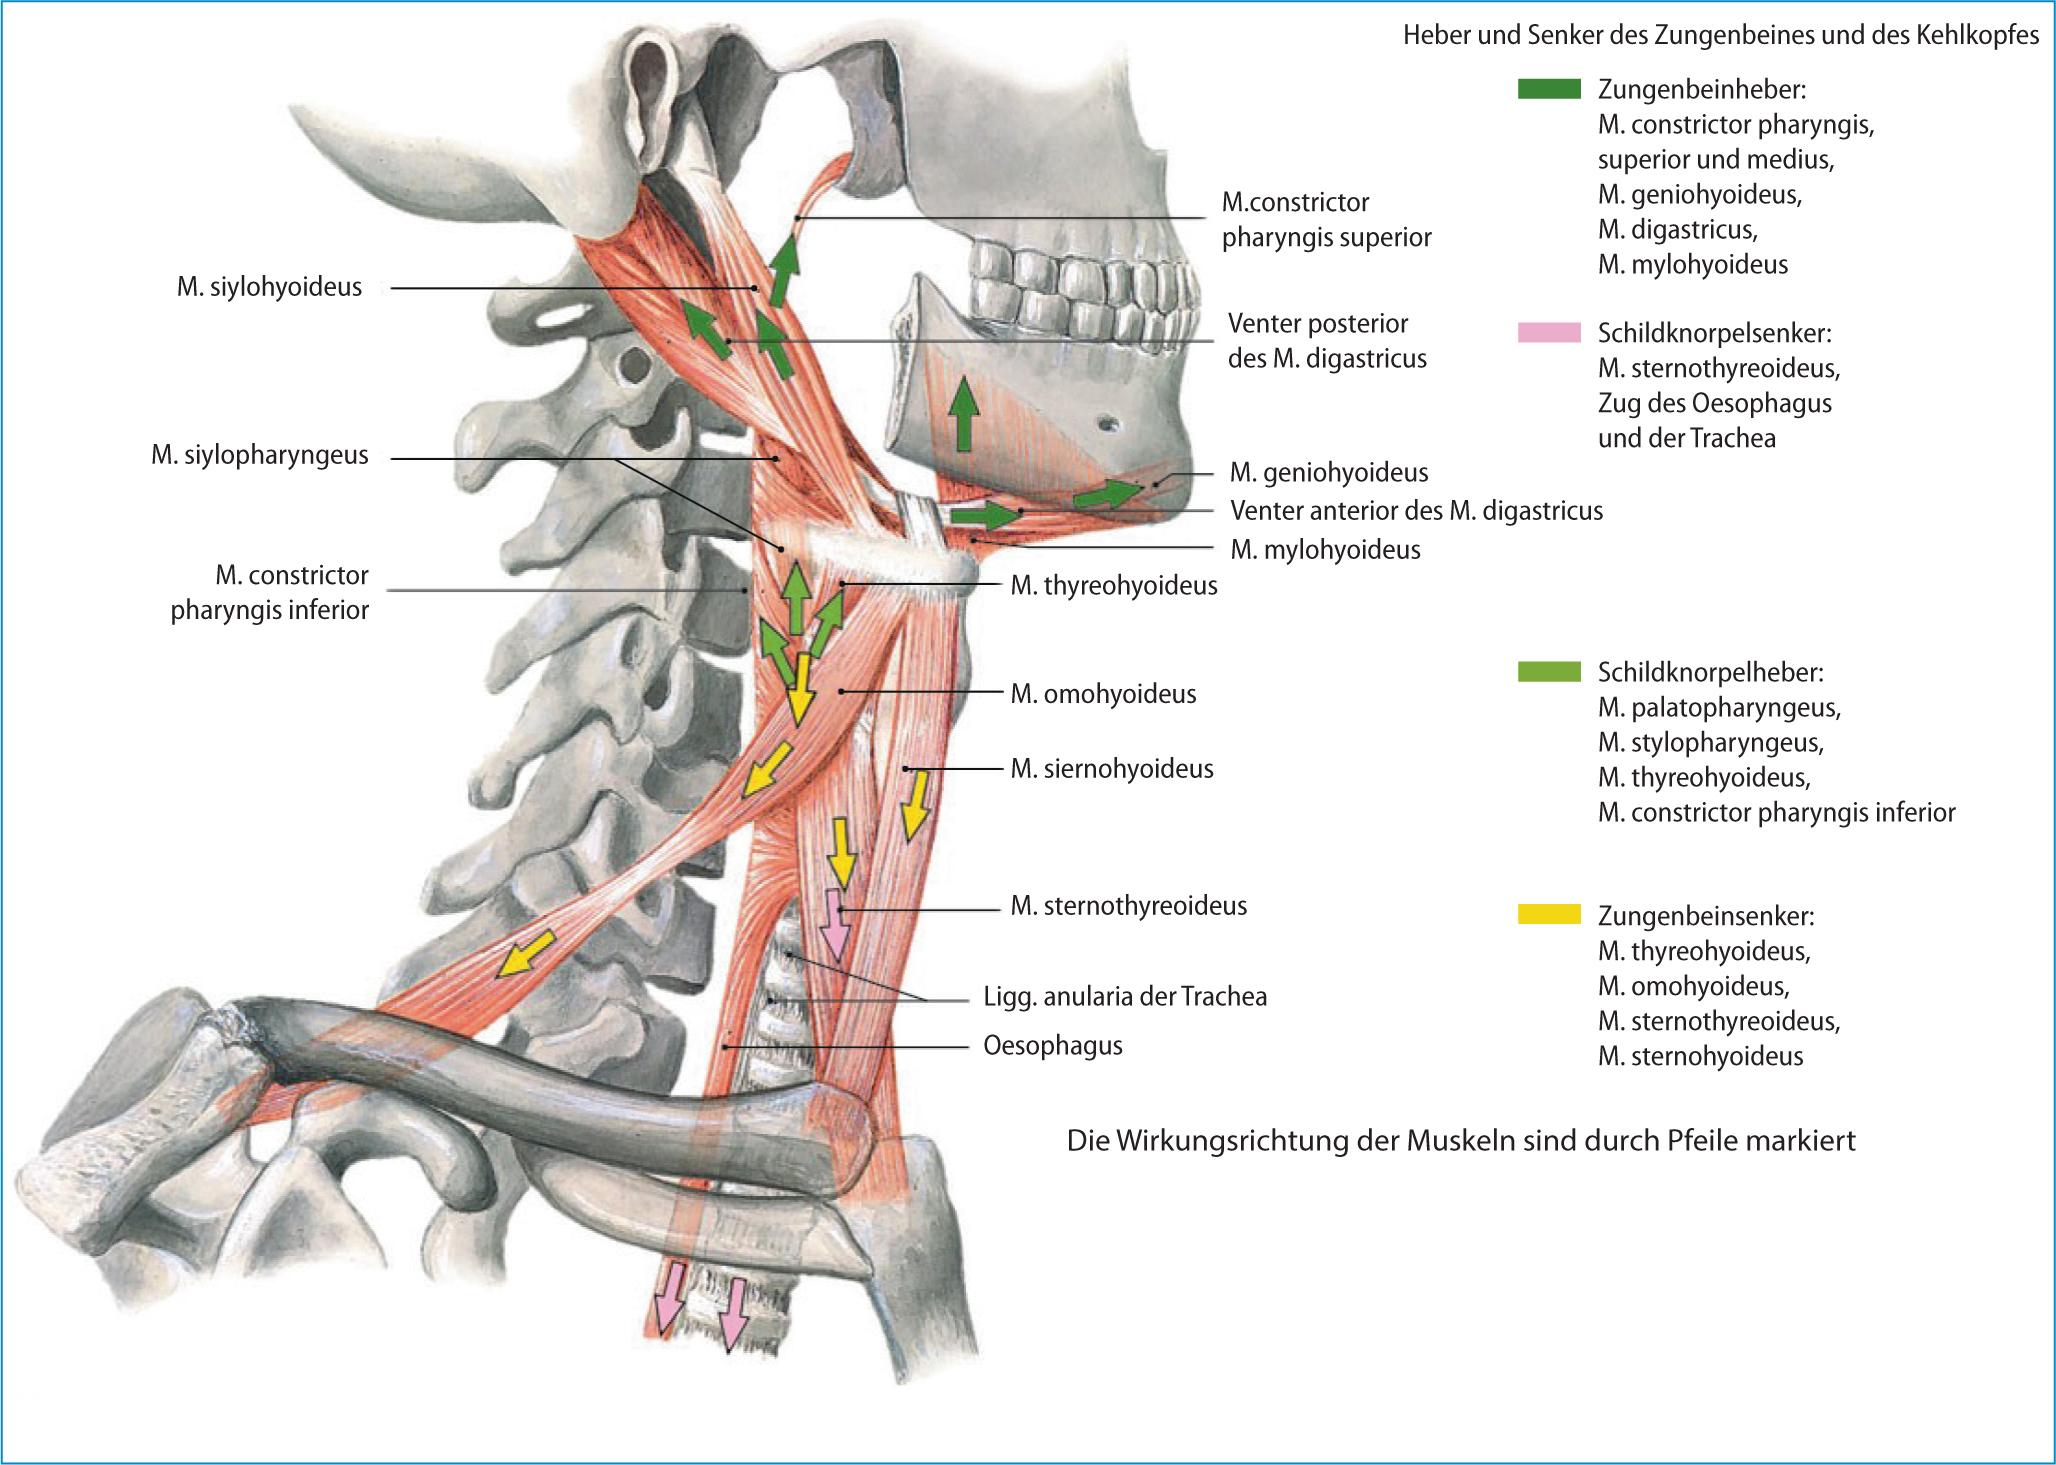 Wunderbar Hals Anatomie Knochen Ideen - Menschliche Anatomie Bilder ...